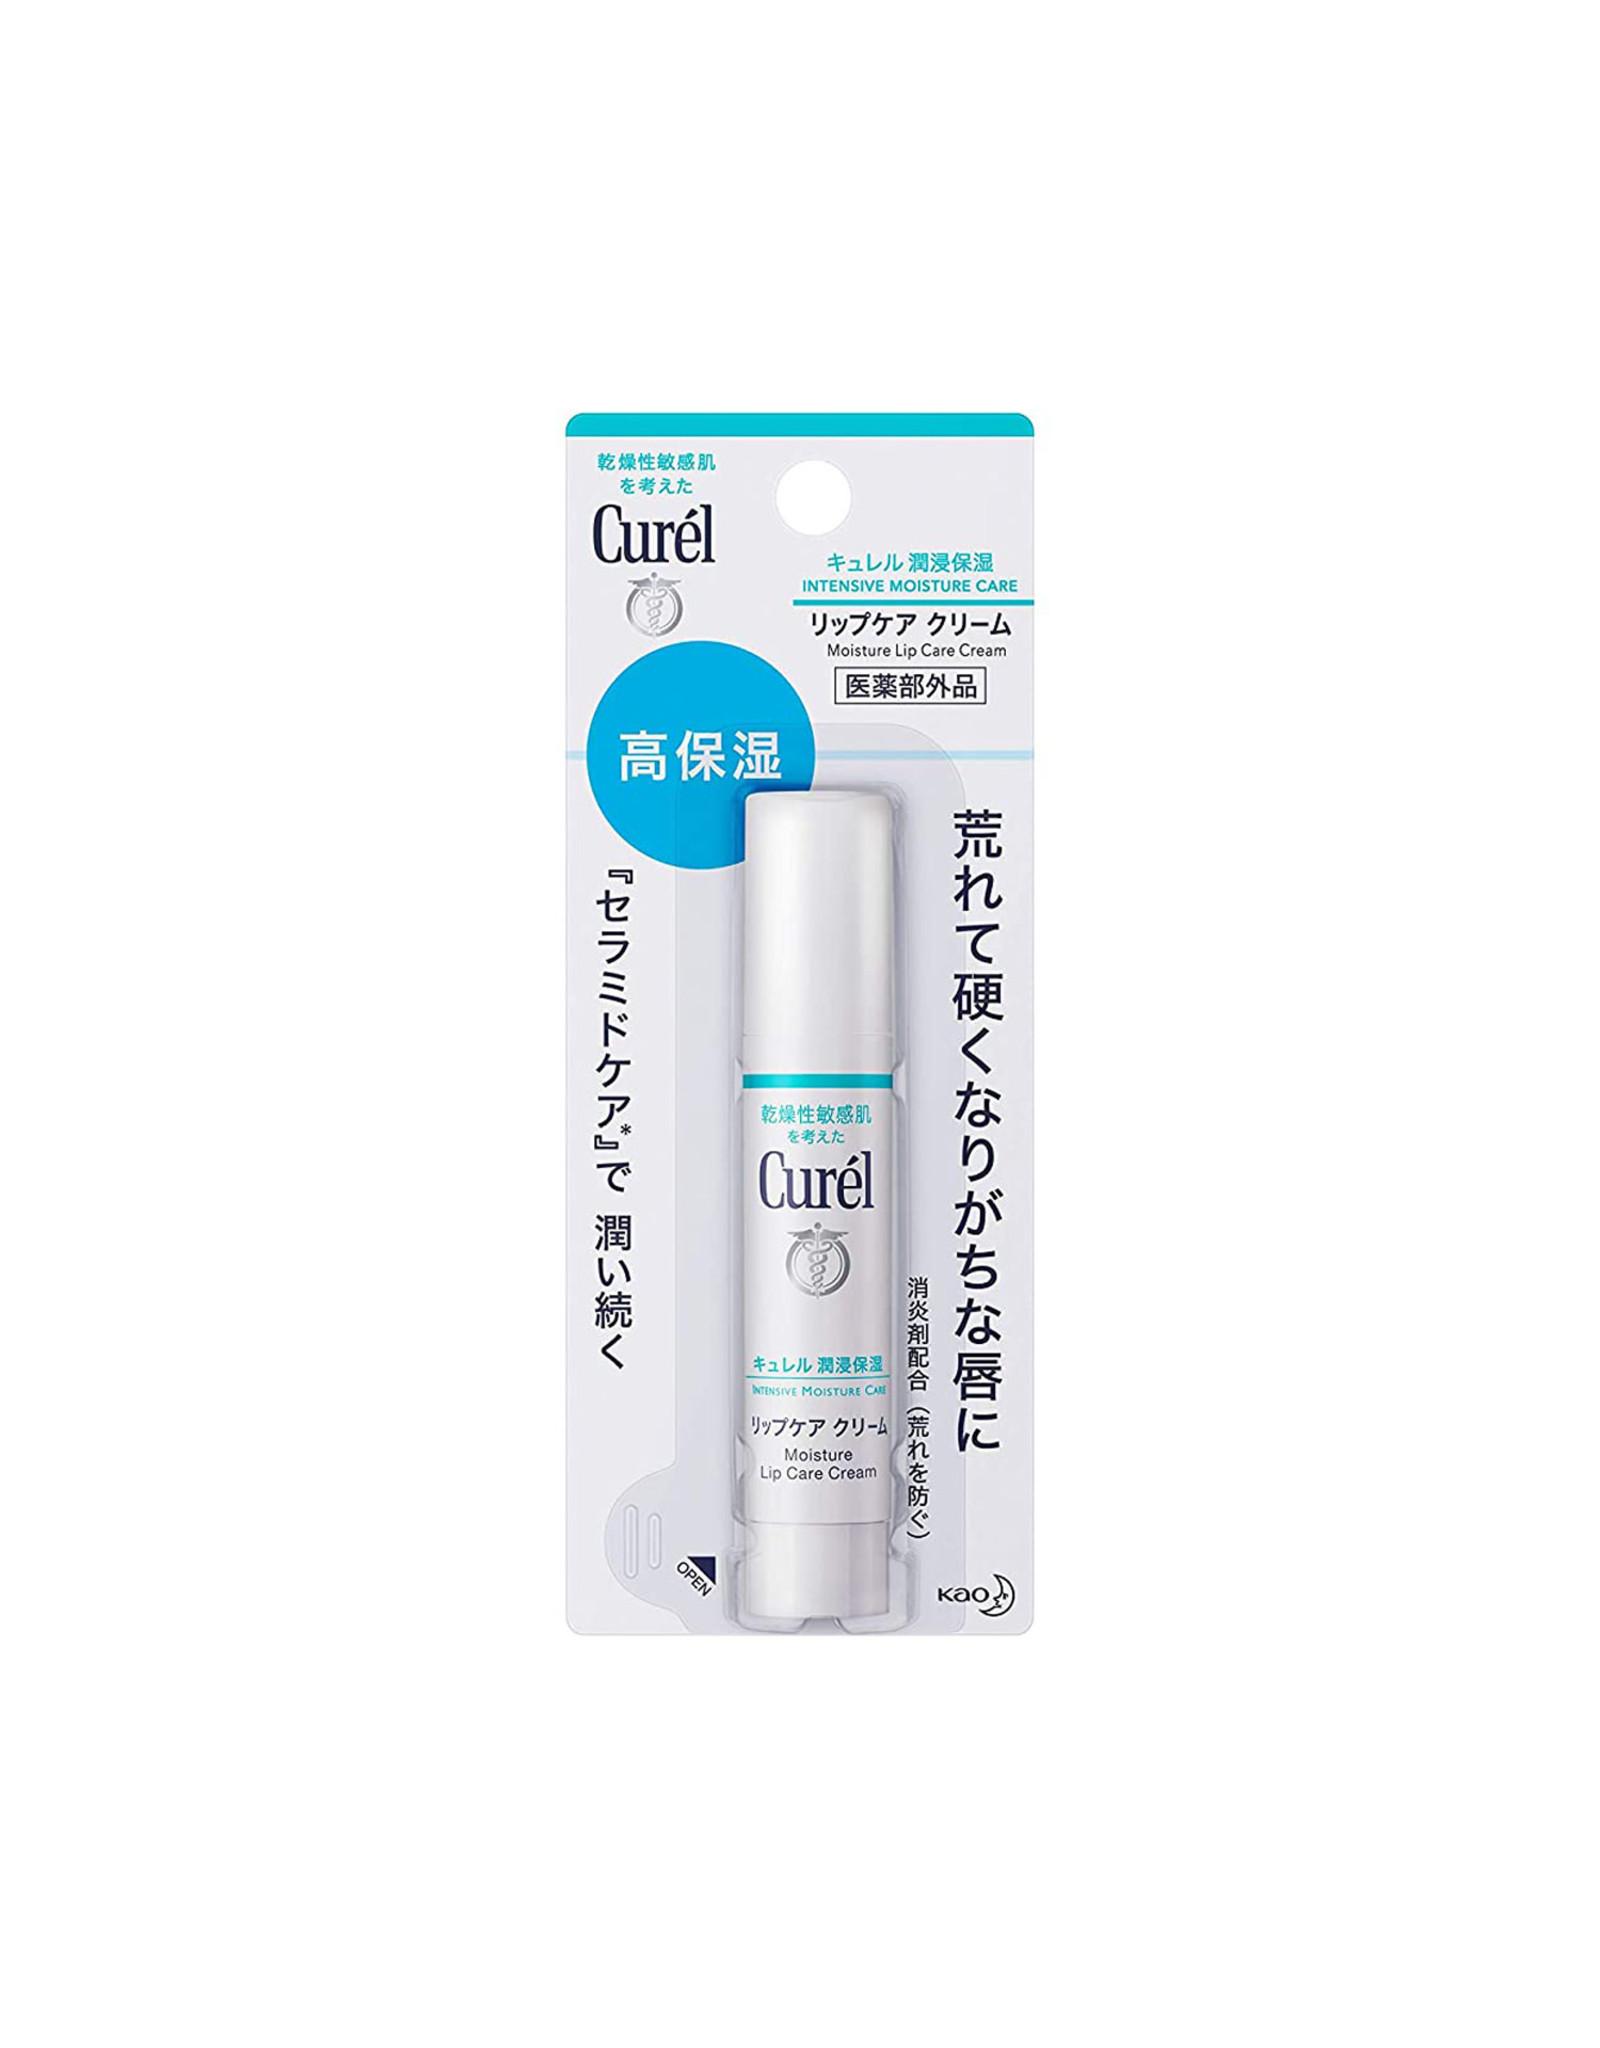 Curel Kao Curél Lip Care Cream Stick 4.2g